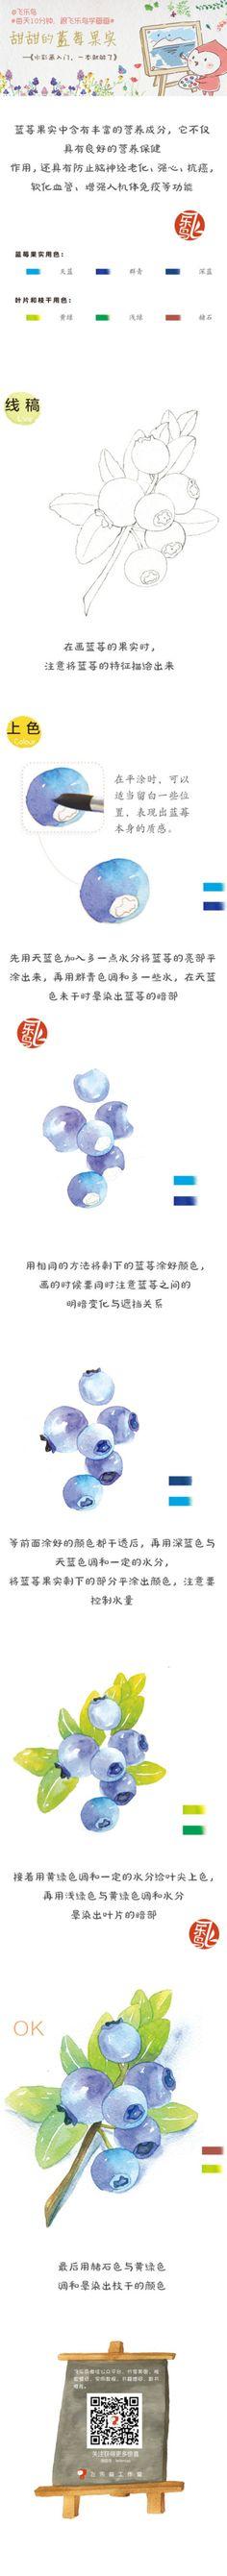 #每天10分钟,跟飞乐鸟学画画# 好吃的蓝莓果子来啦,可爱的水果用水彩会出来什么样的效果呢,期待同学们的作品哦!